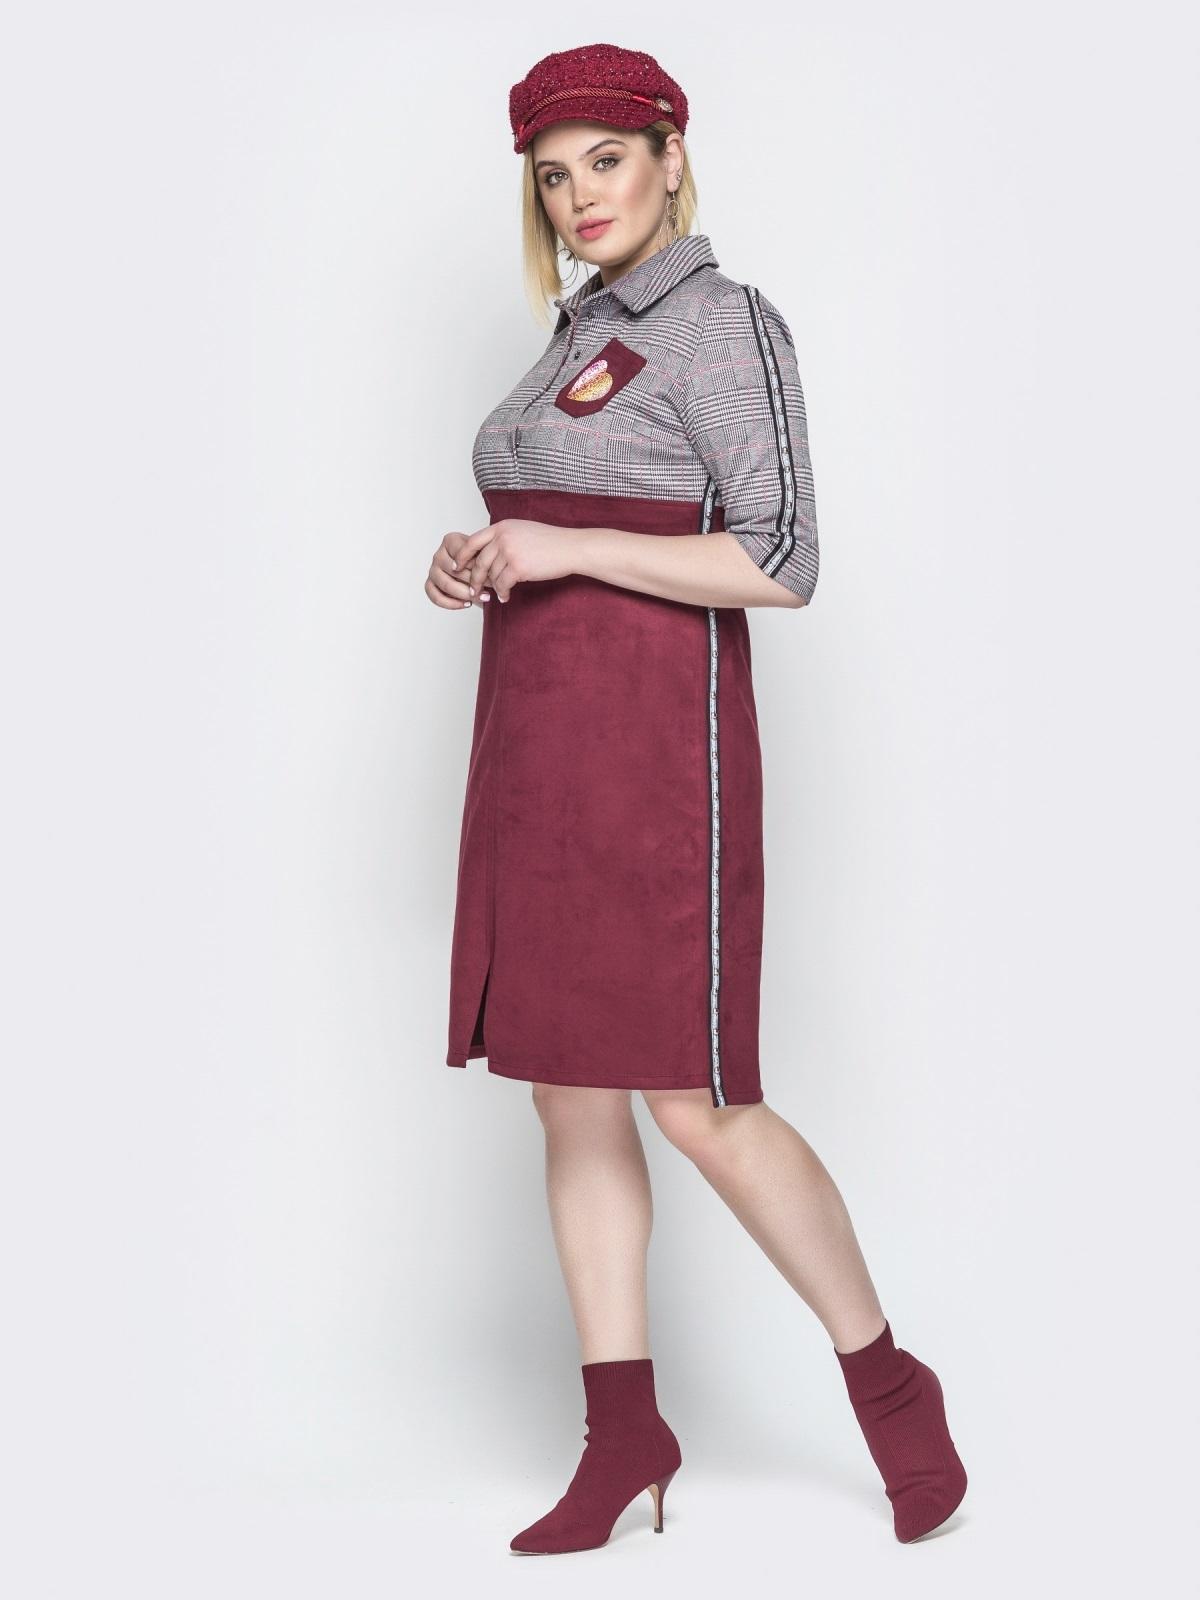 Бордовое платье с серой кокеткой в клетку и лампасами - 19981, фото 1 – интернет-магазин Dressa